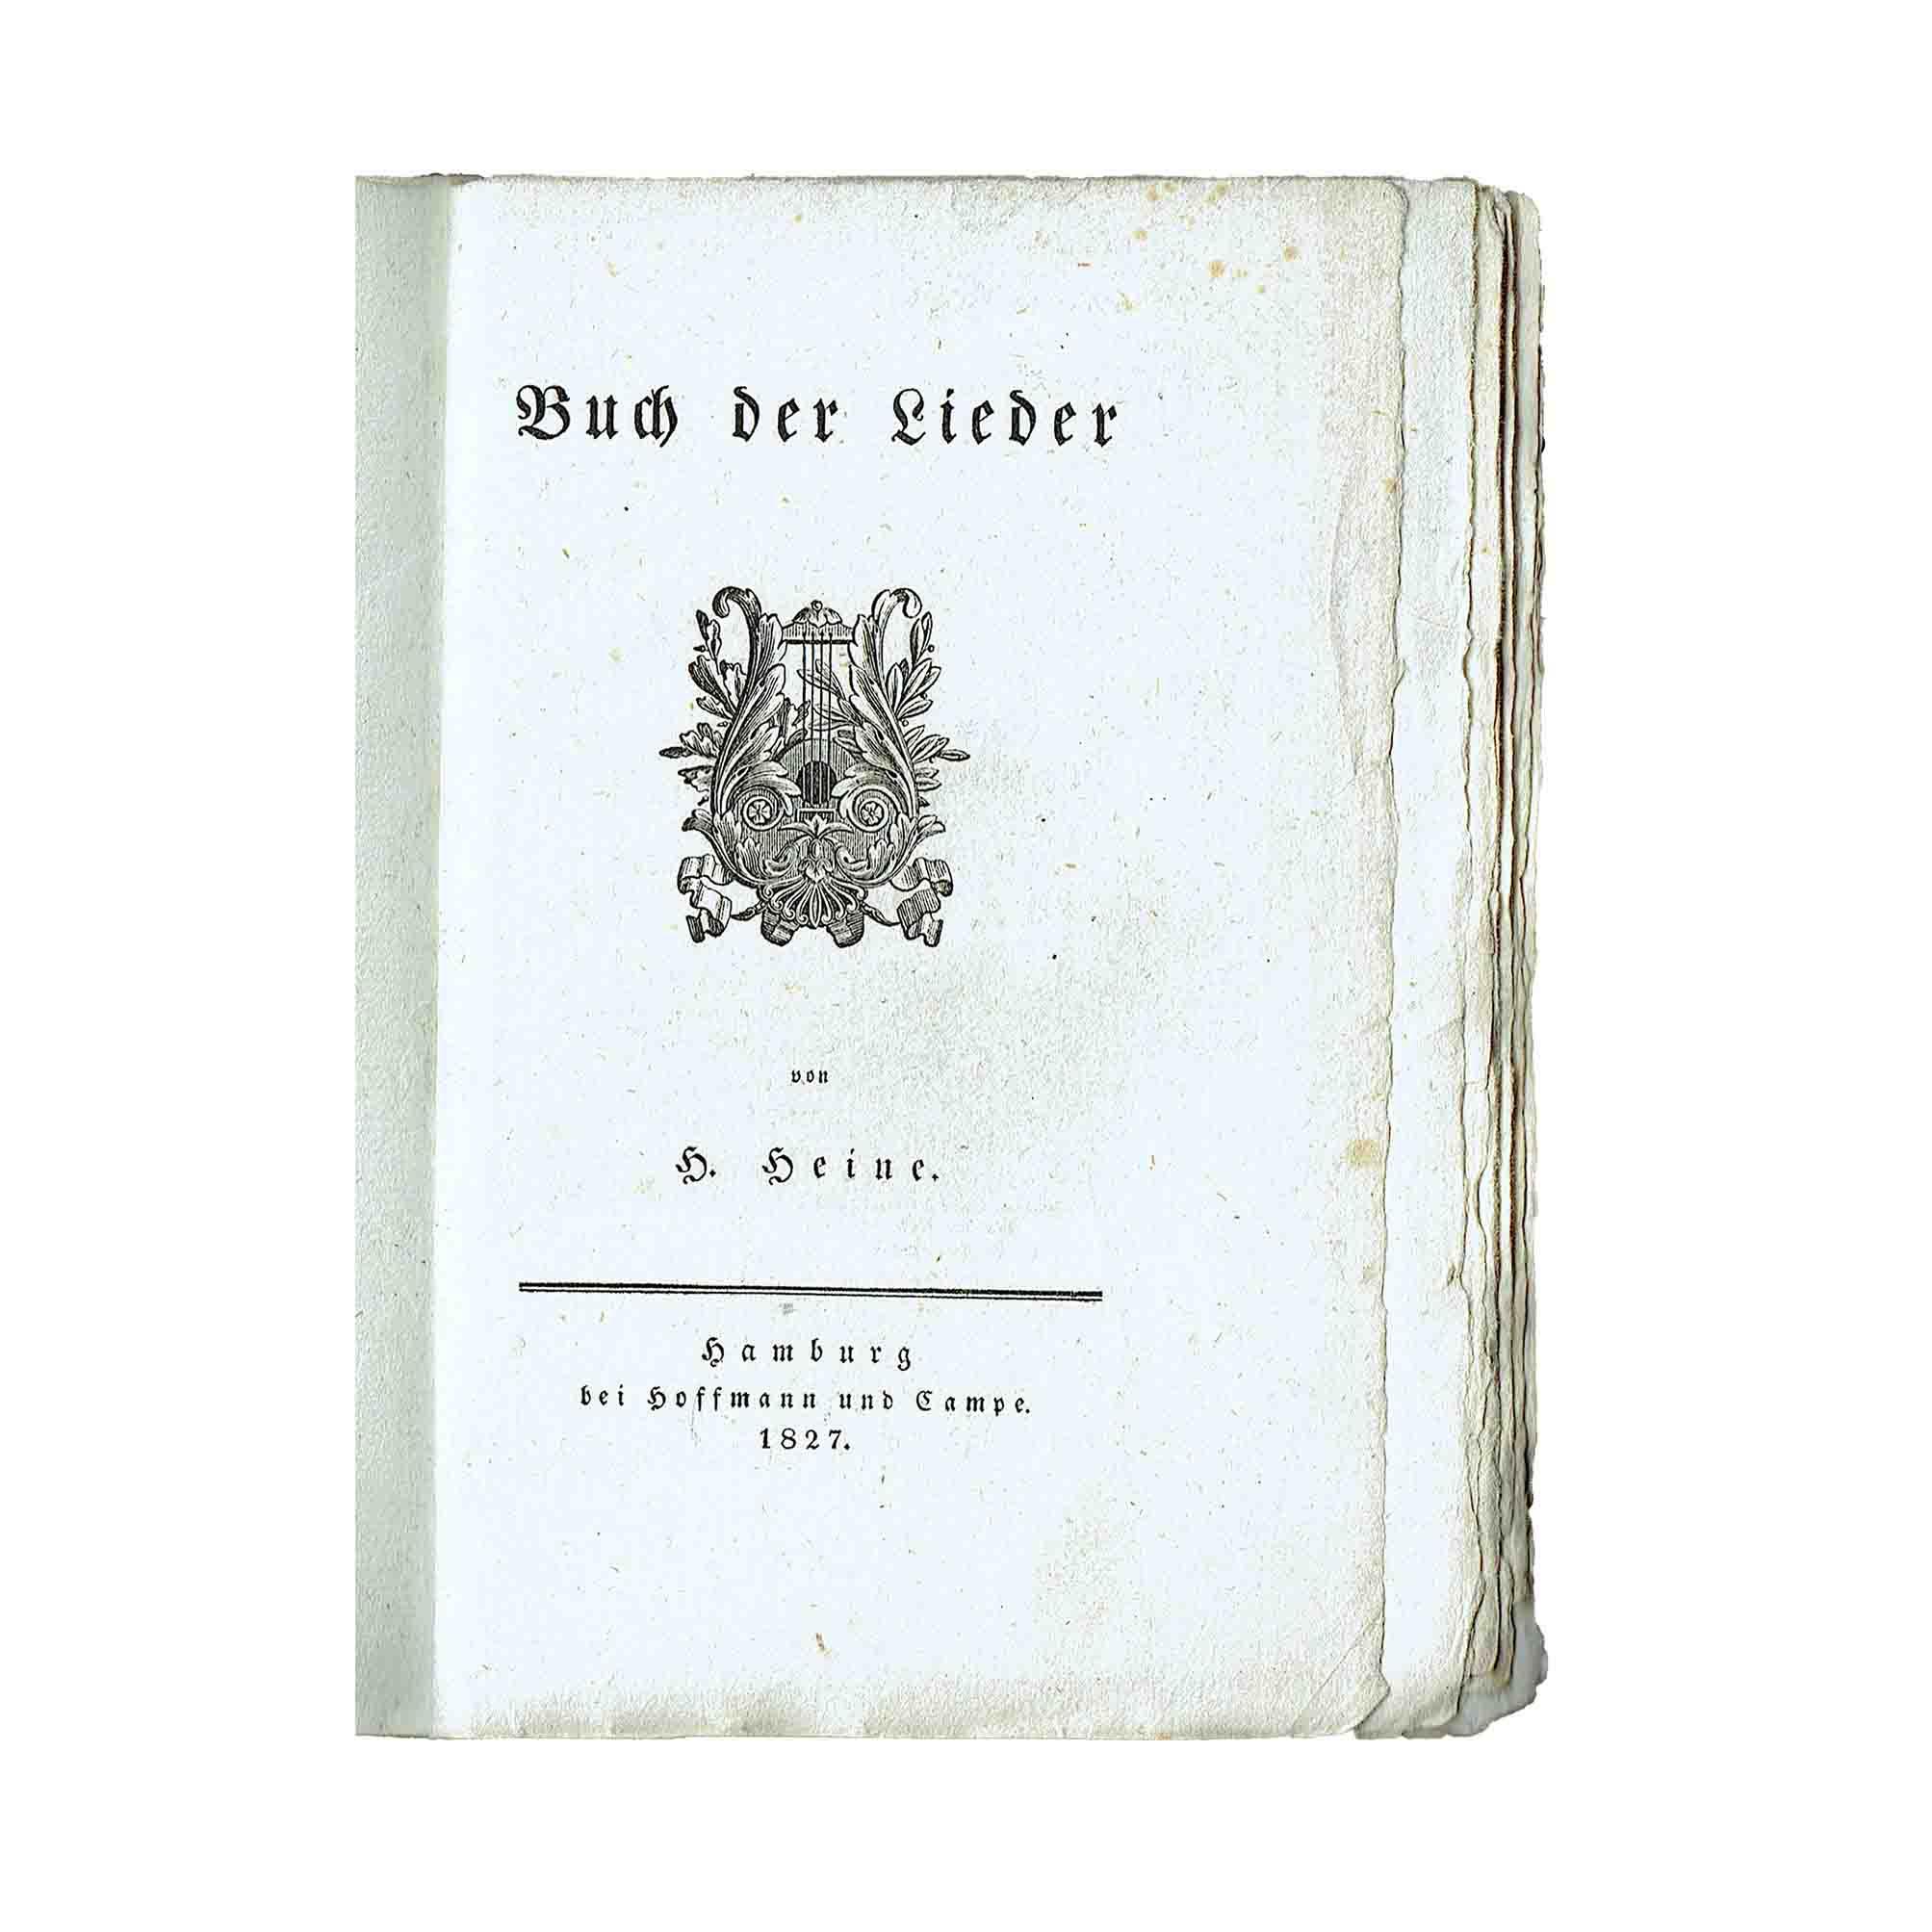 5635-Heine-Buch-der-Lieder-1827-Titelblatt-A-frei-A-N.jpg